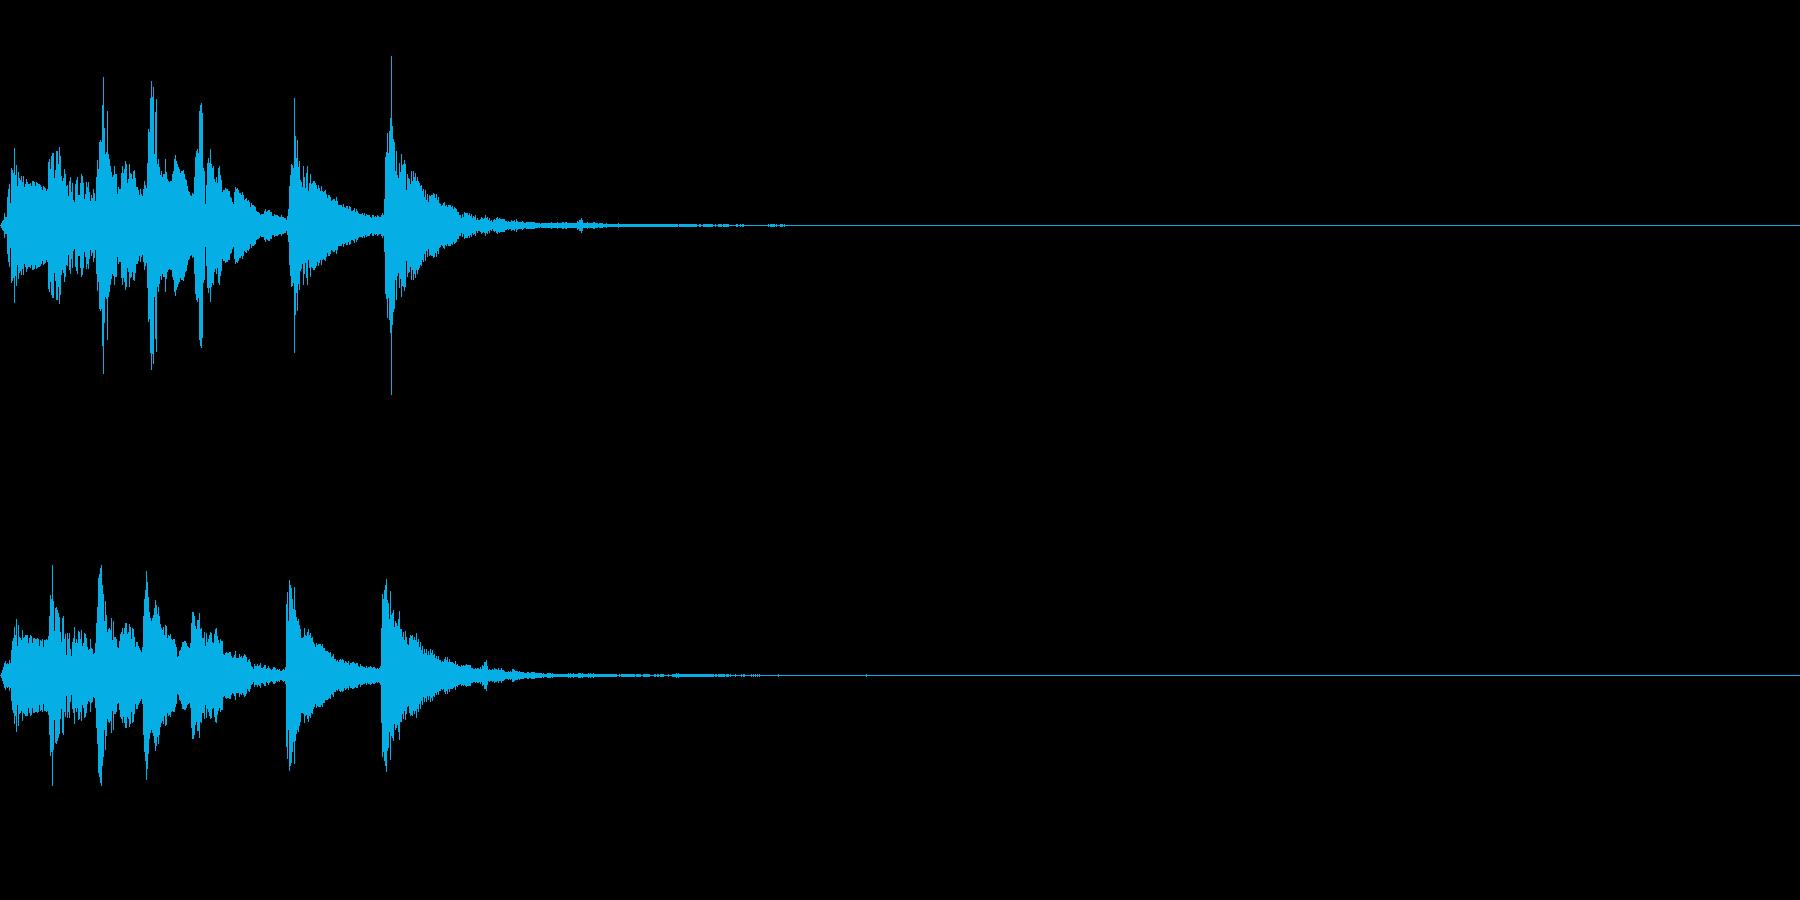 場面転換用~明るいマリンバのフレーズ~の再生済みの波形